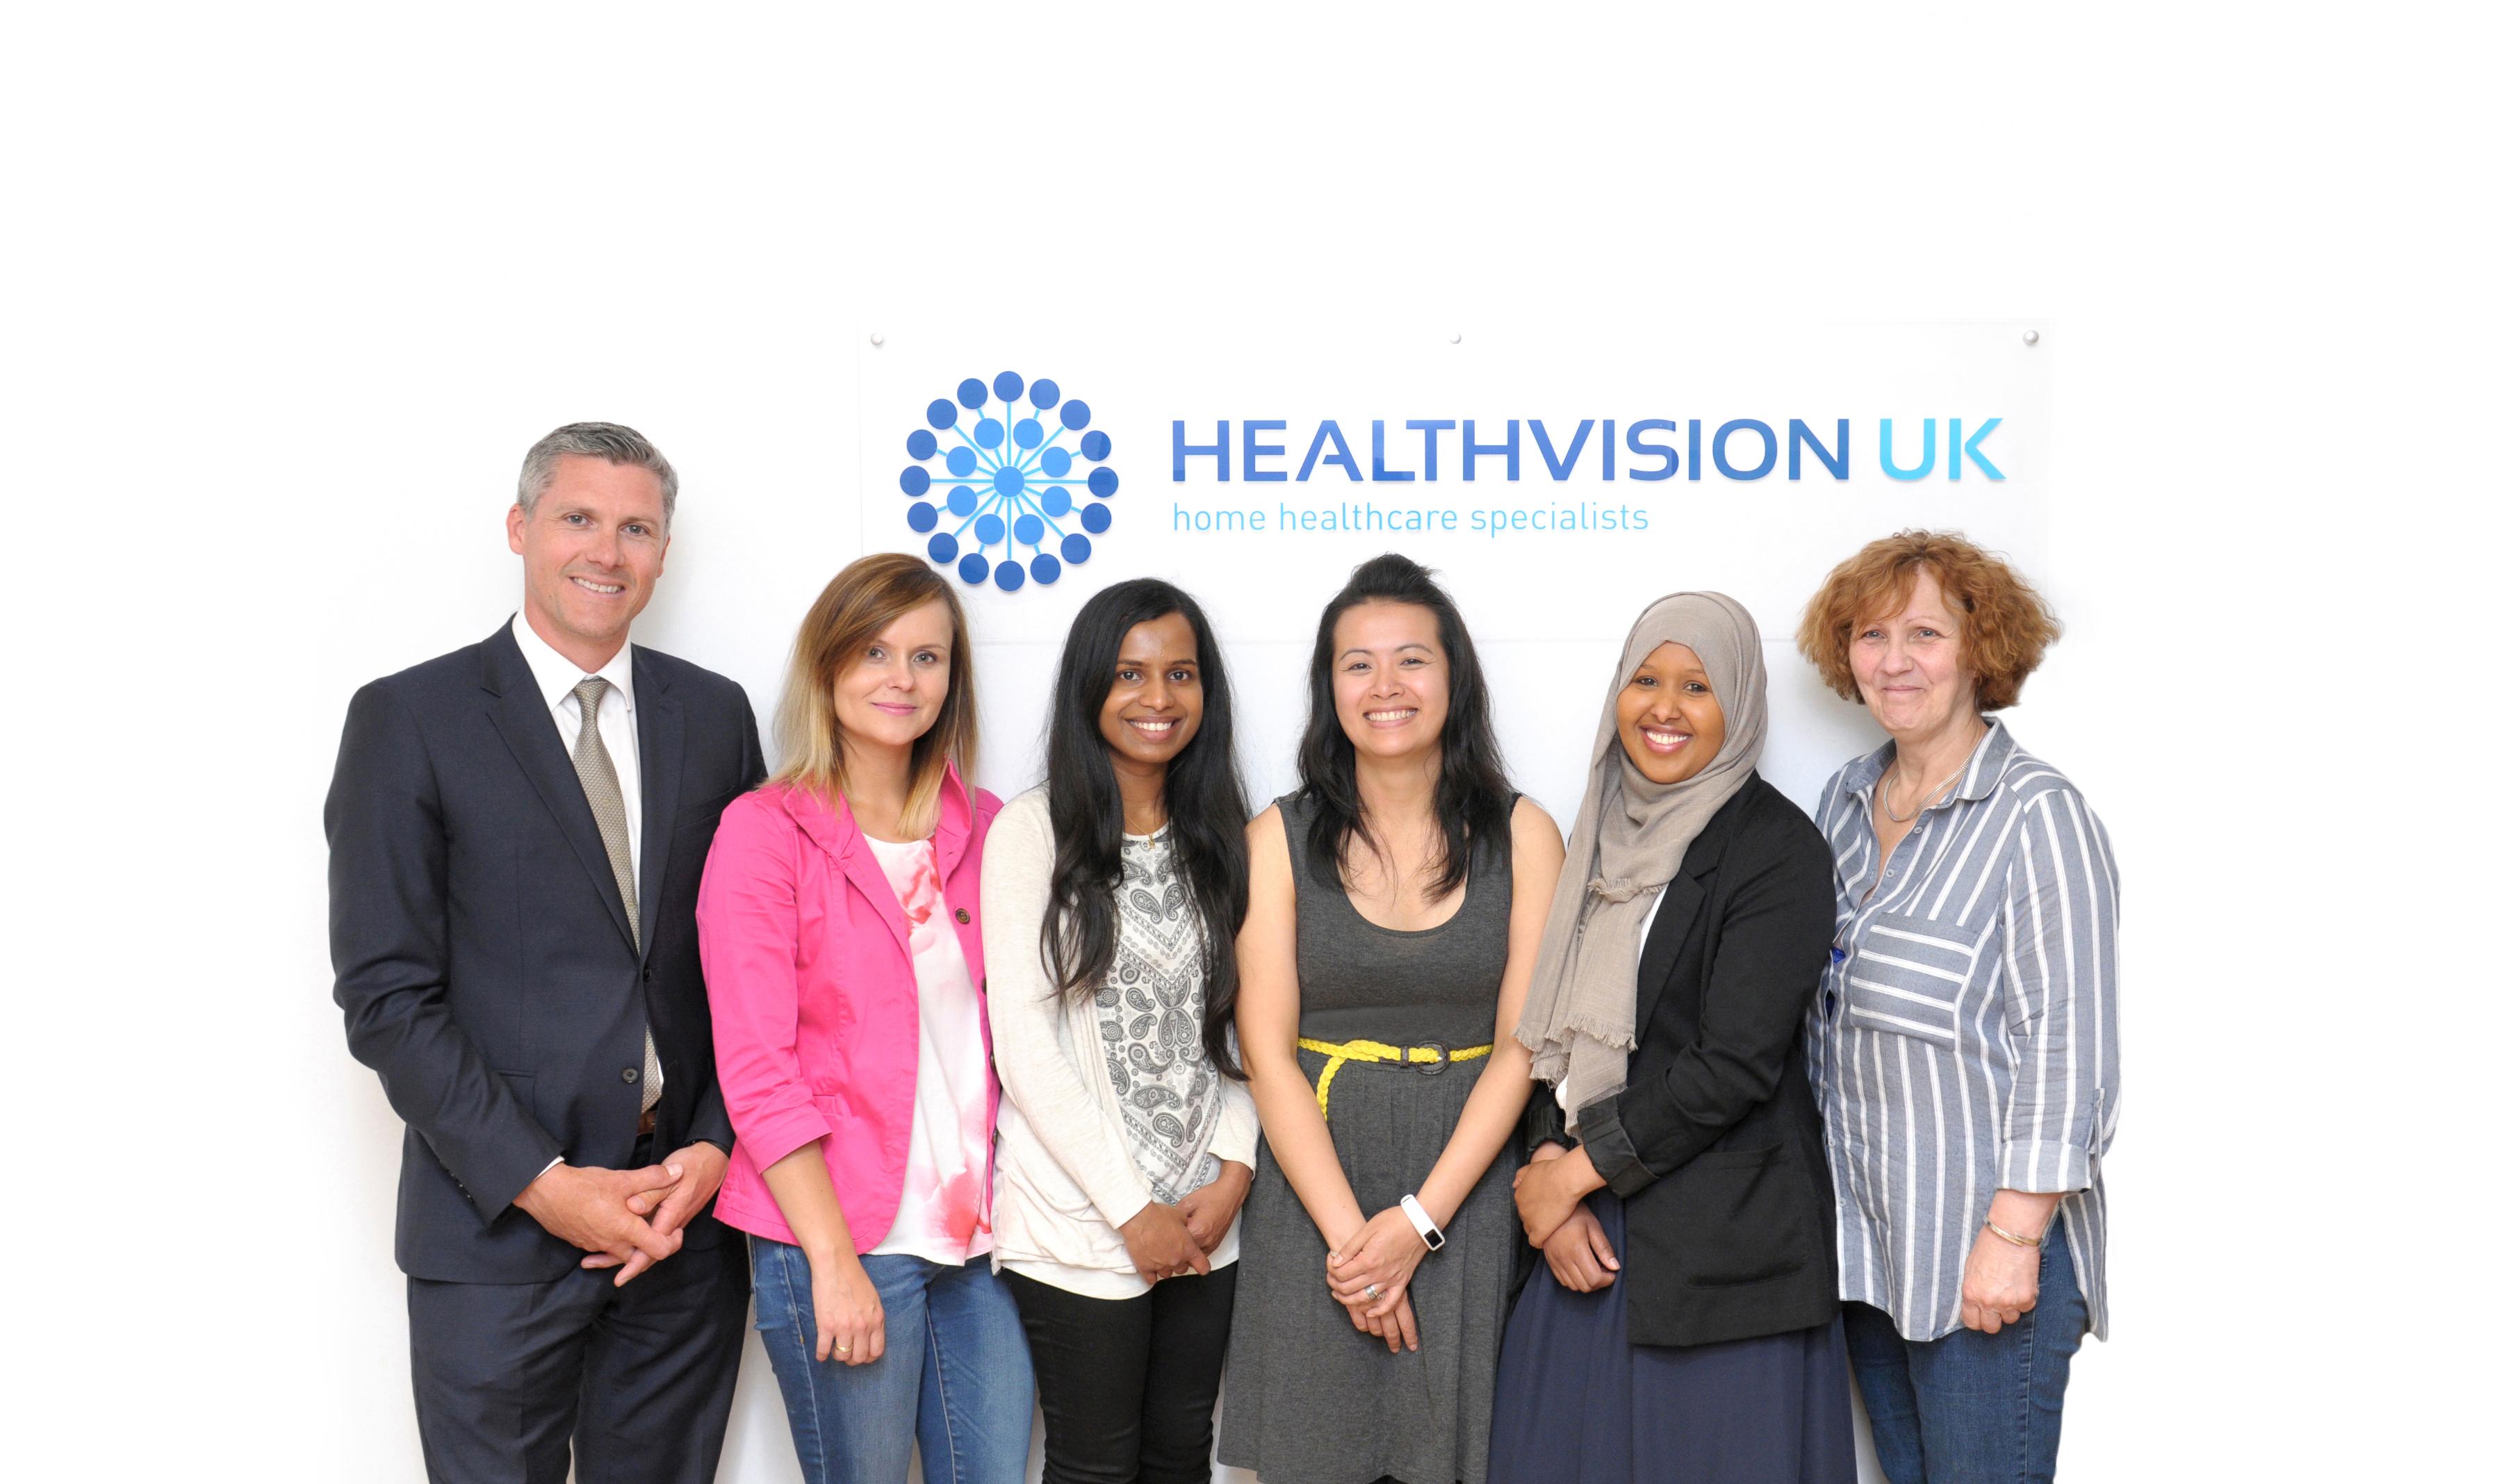 Healthvision UK